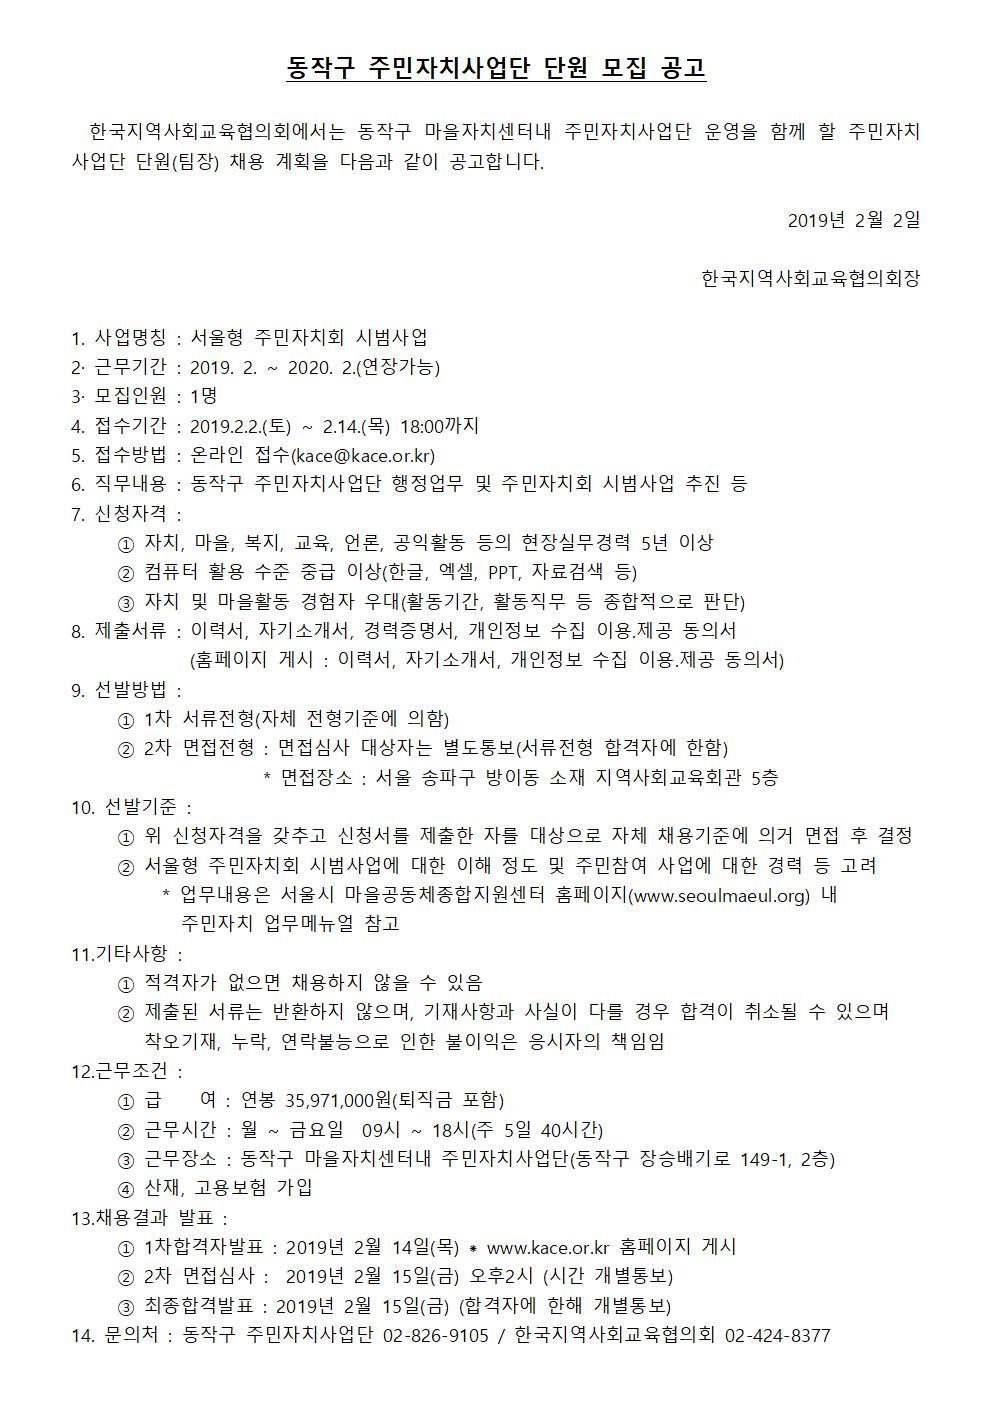 동작구 주민자치사업단 단원 모집공고(2차 모집)-공고수정001.jpg